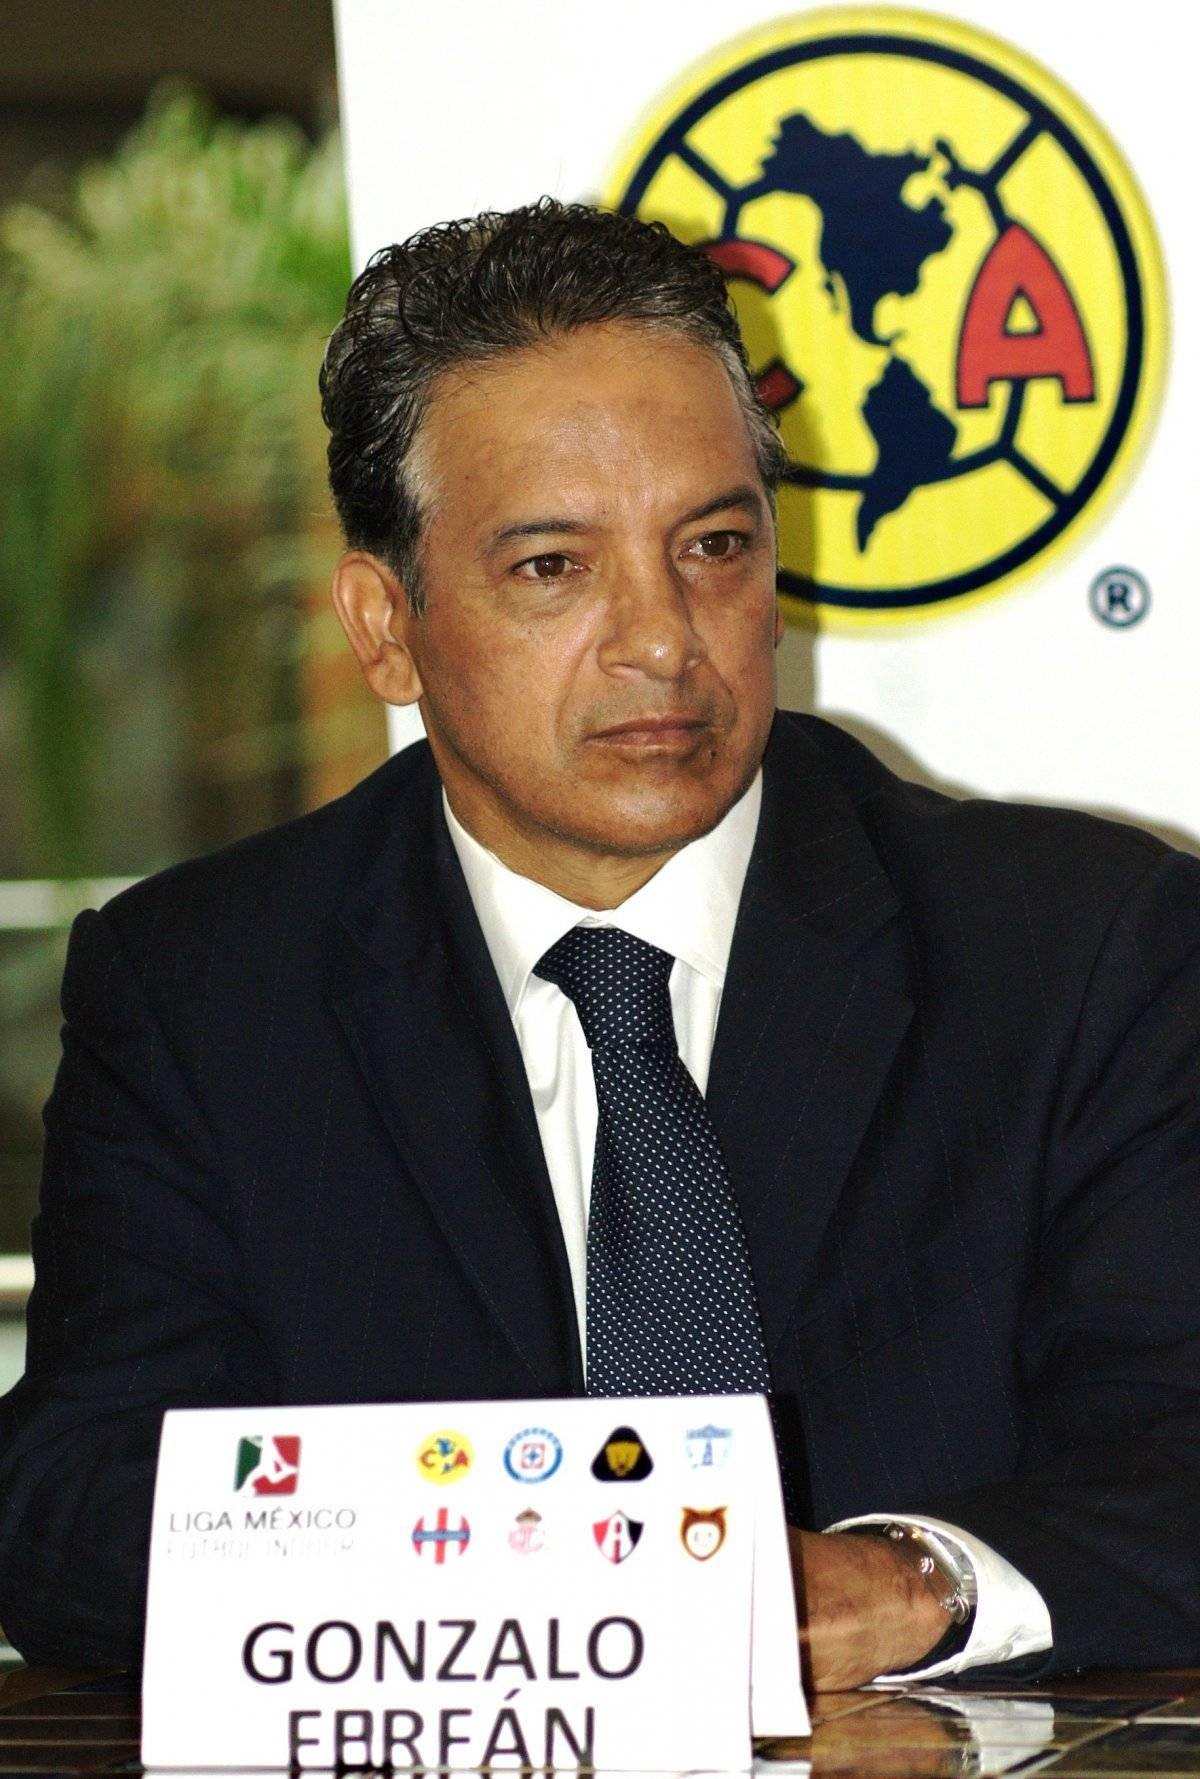 Gonzalo Farfán